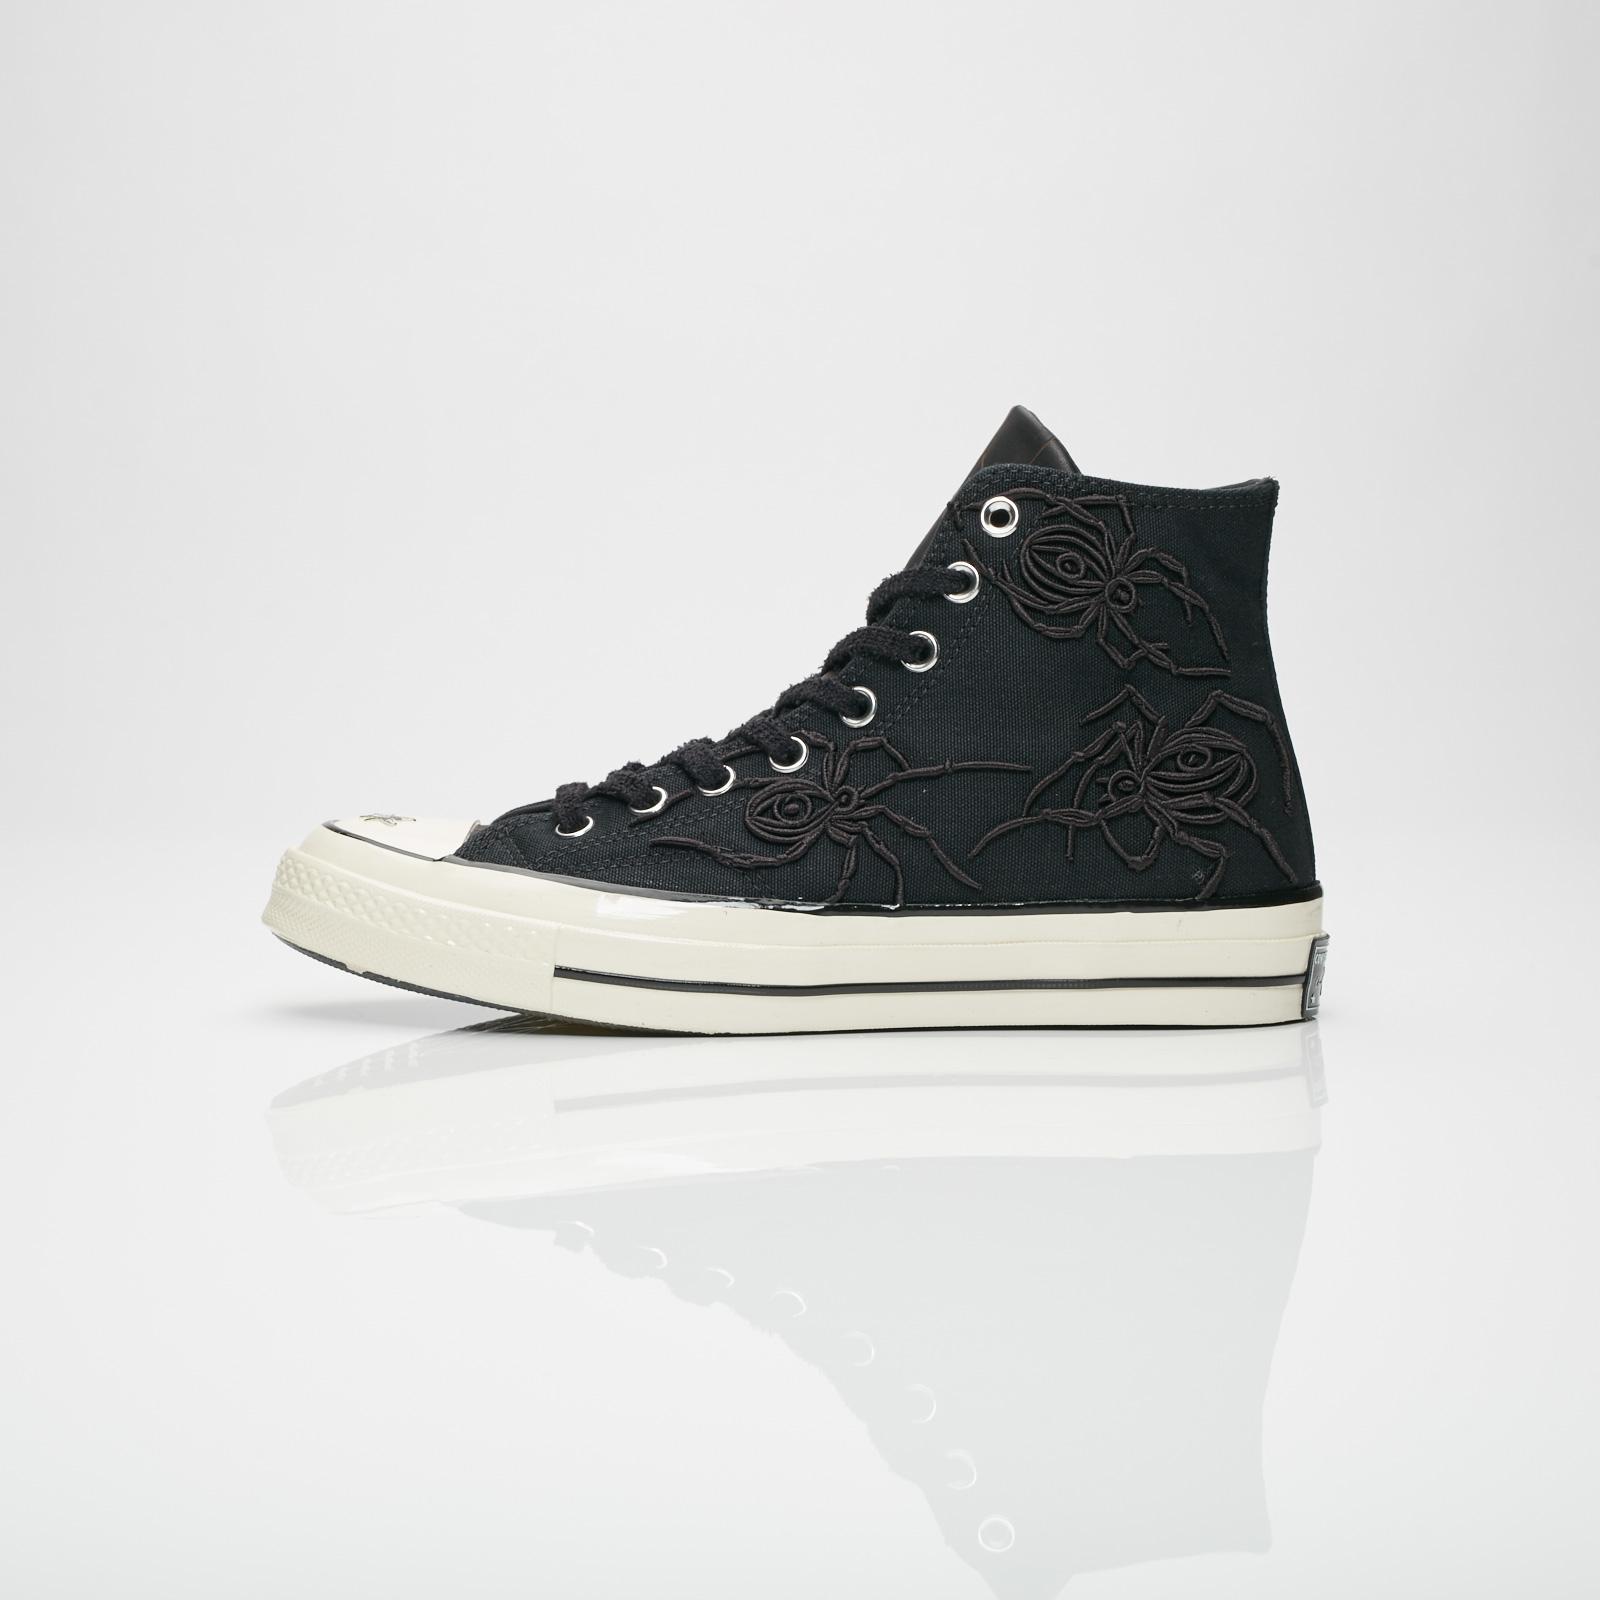 7bbd11ef050a Converse Chuck Taylor 70 Hi x Dr. Woo - 160916c - Sneakersnstuff ...